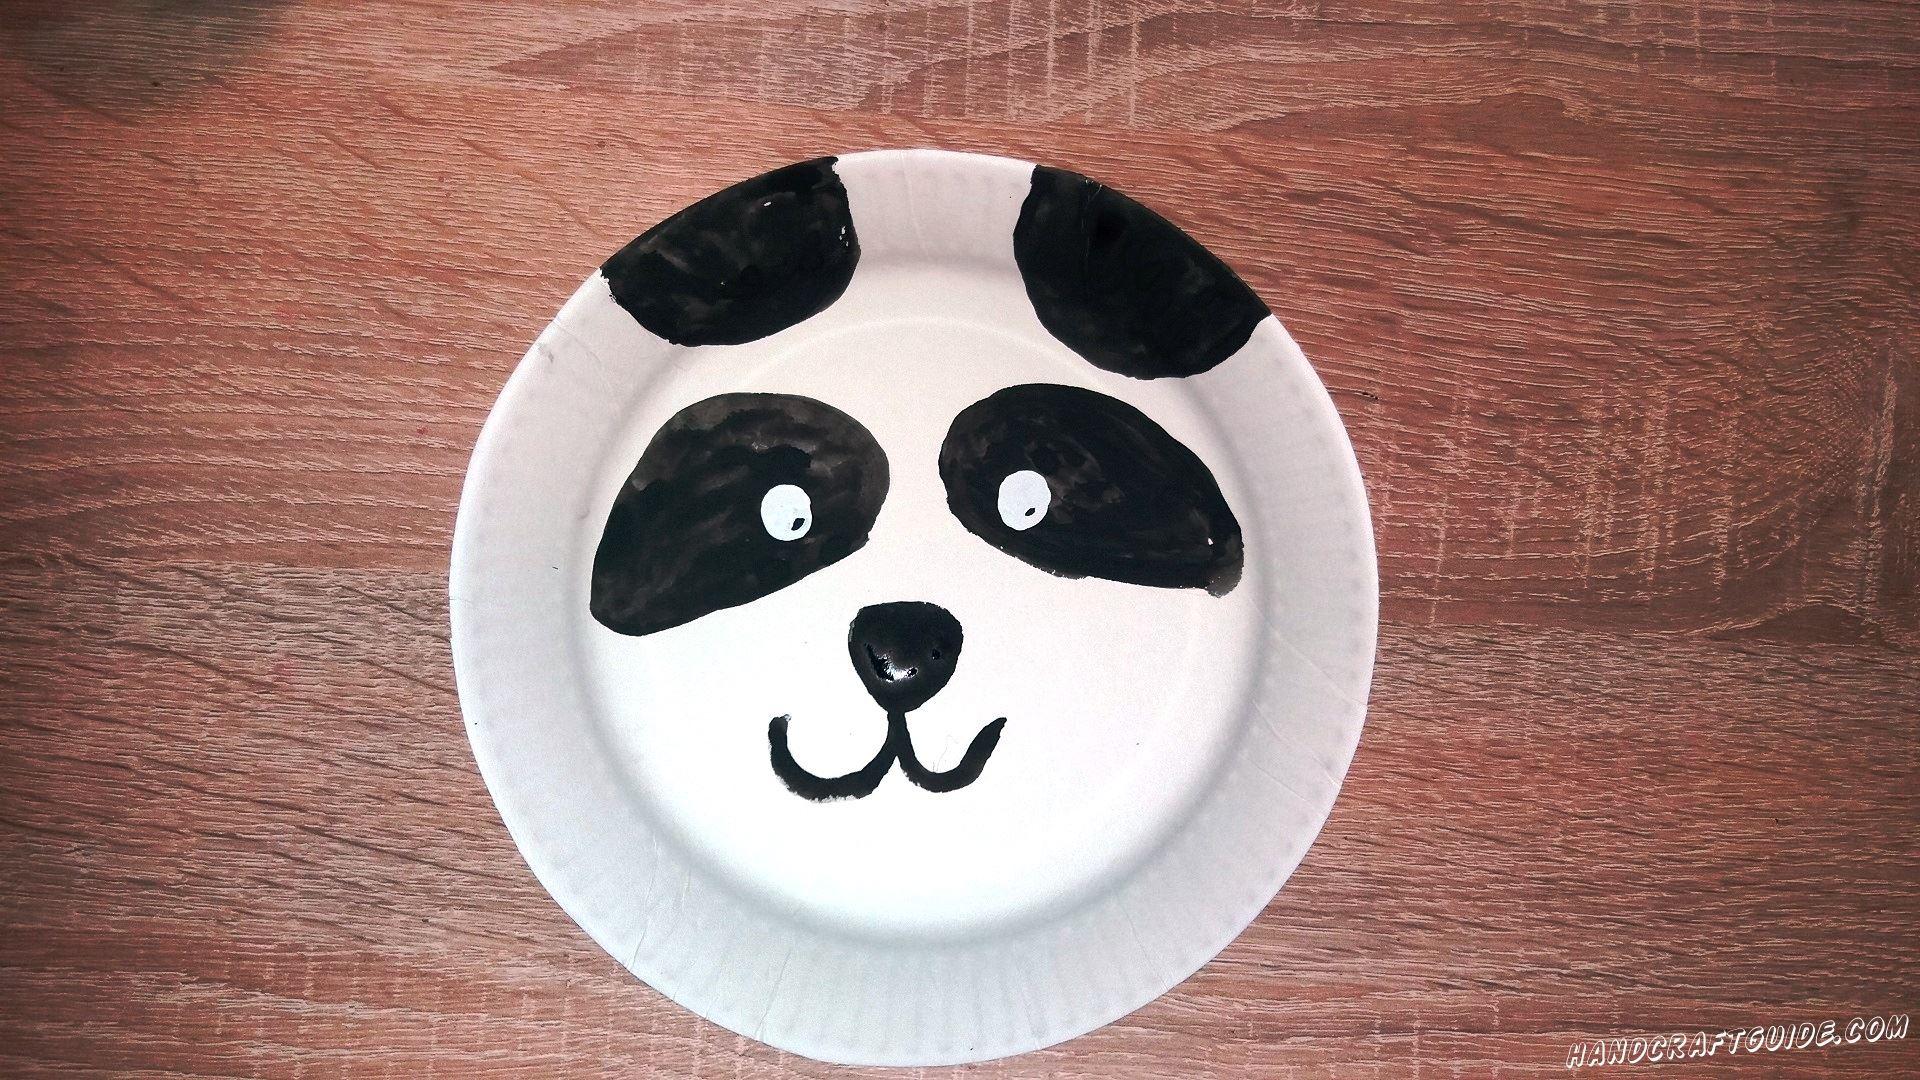 поделка из одноразовой тарелки с лицом панды